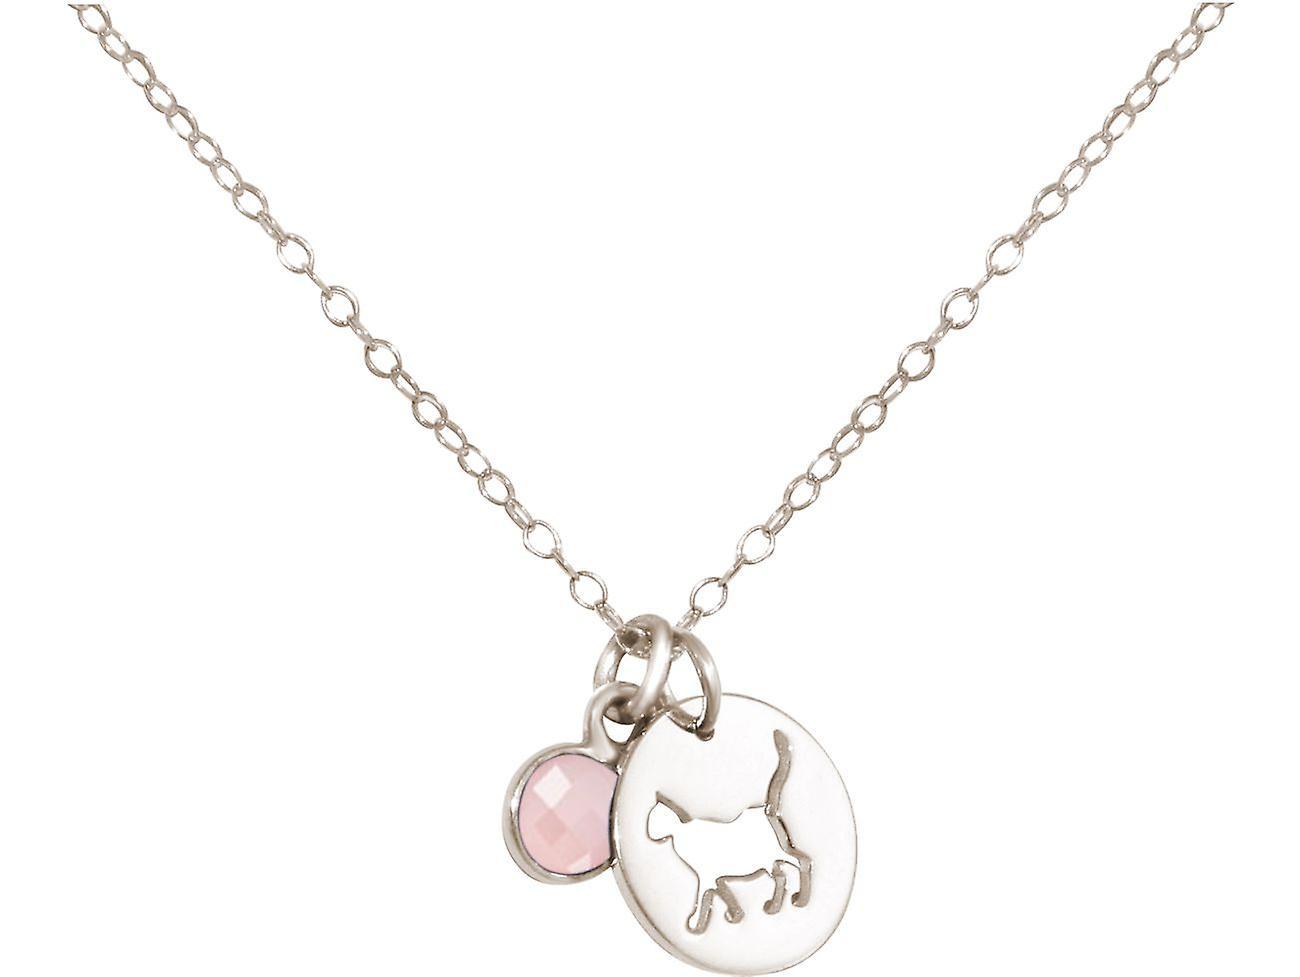 GEMSHINE chat pendentif avec pierre gemme Quartz Rose. Argent 925 massif, plaqué or ou collier de 45cm. Cadeau pour le propriétaire de l'animal, maîtresse - fabriquée en Espagne